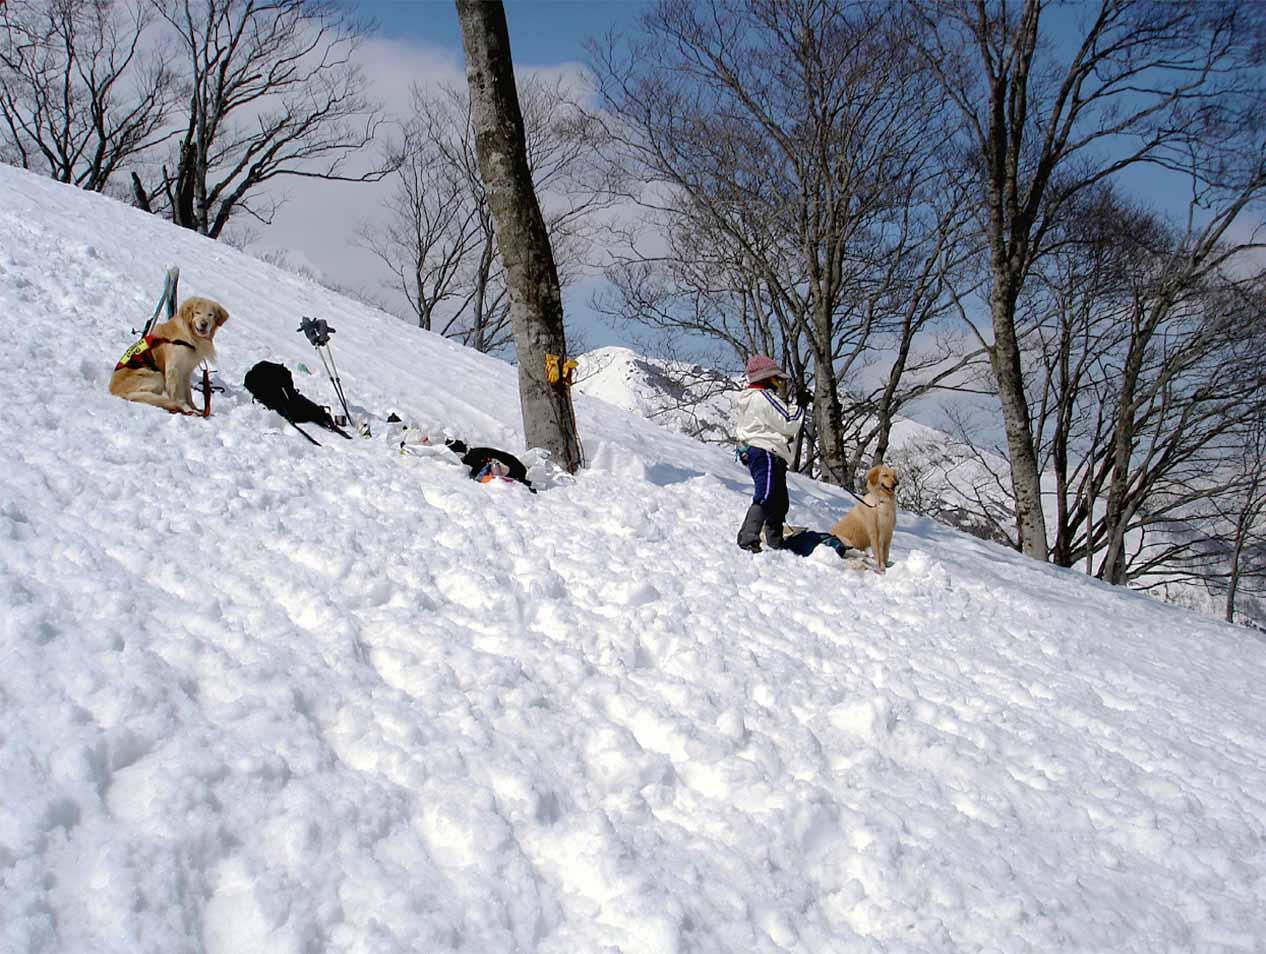 雪中訓練Ⅱ(17) 埋没者捜索待機中